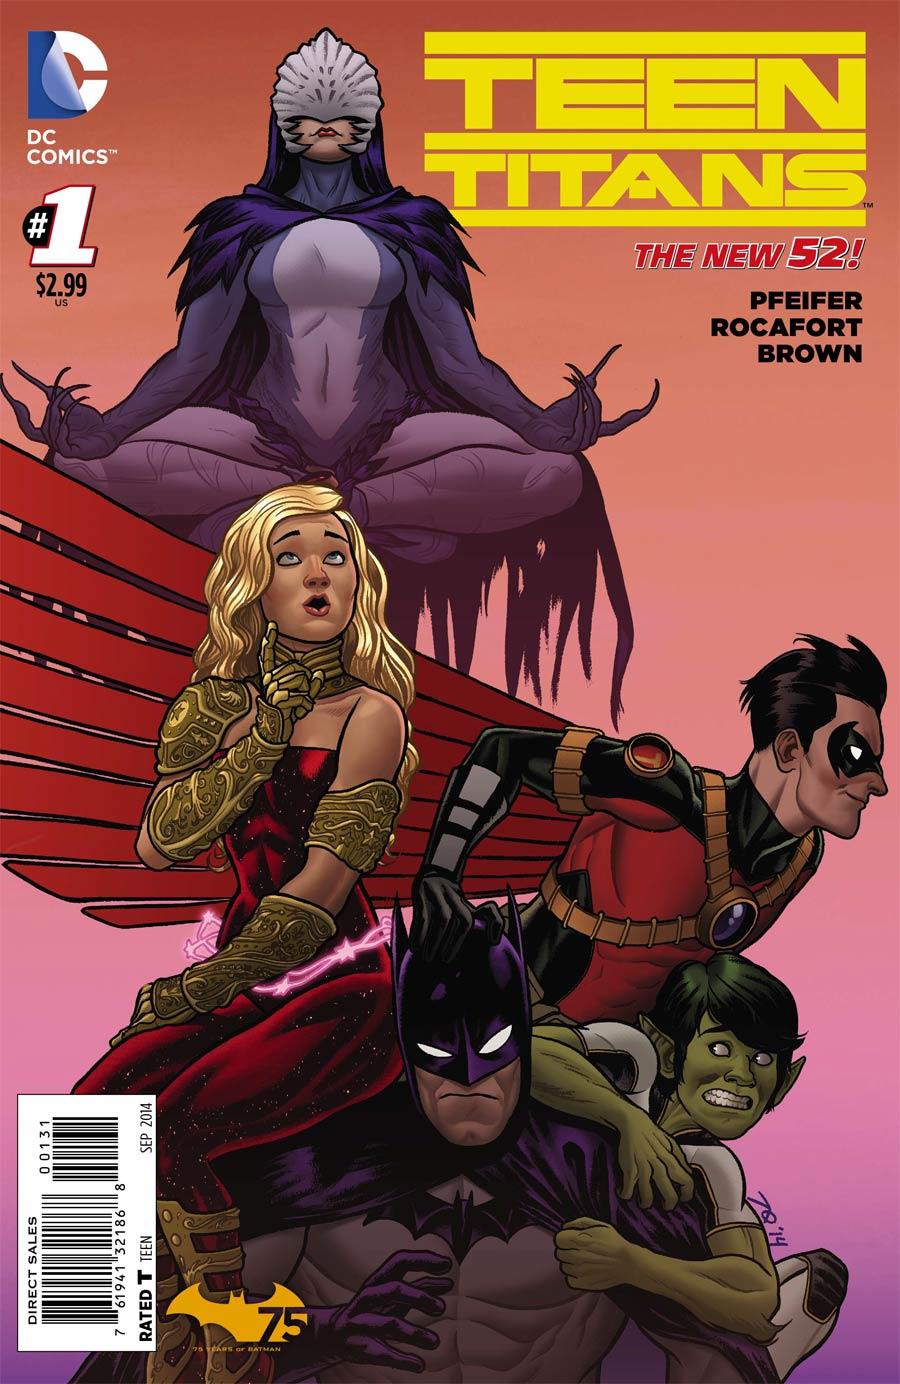 Teen Titans Vol 5 #1 Cover B Variant Joe Quinones Batman 75th Anniversary Cover